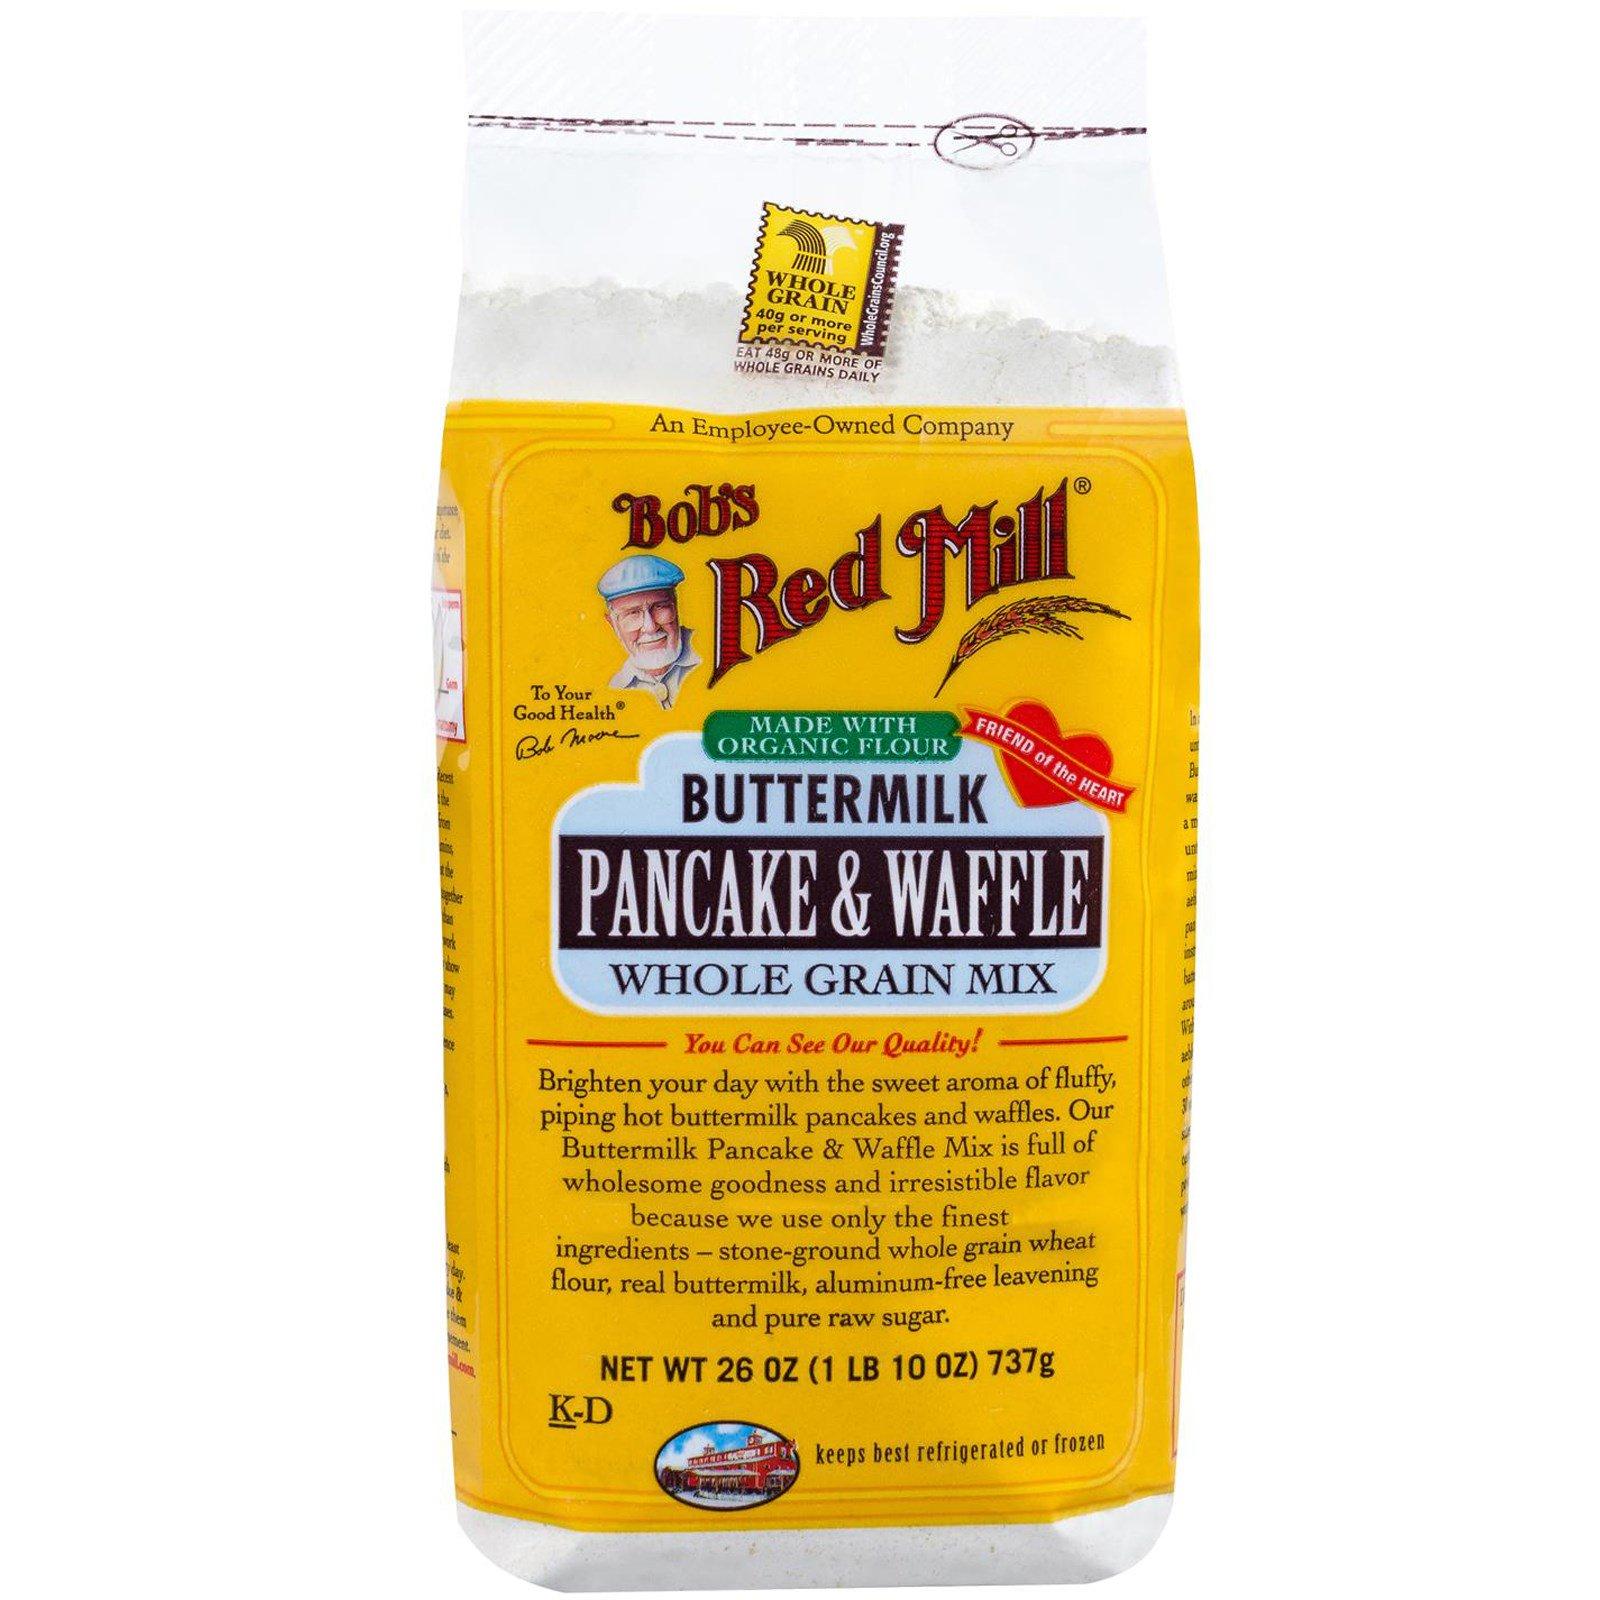 Bob's Red Mill, Bob's Red Mill, Блины и вафли из пахты, смесь из цельных зерен, 26 унций (1 фунт 10 унций) 737 г